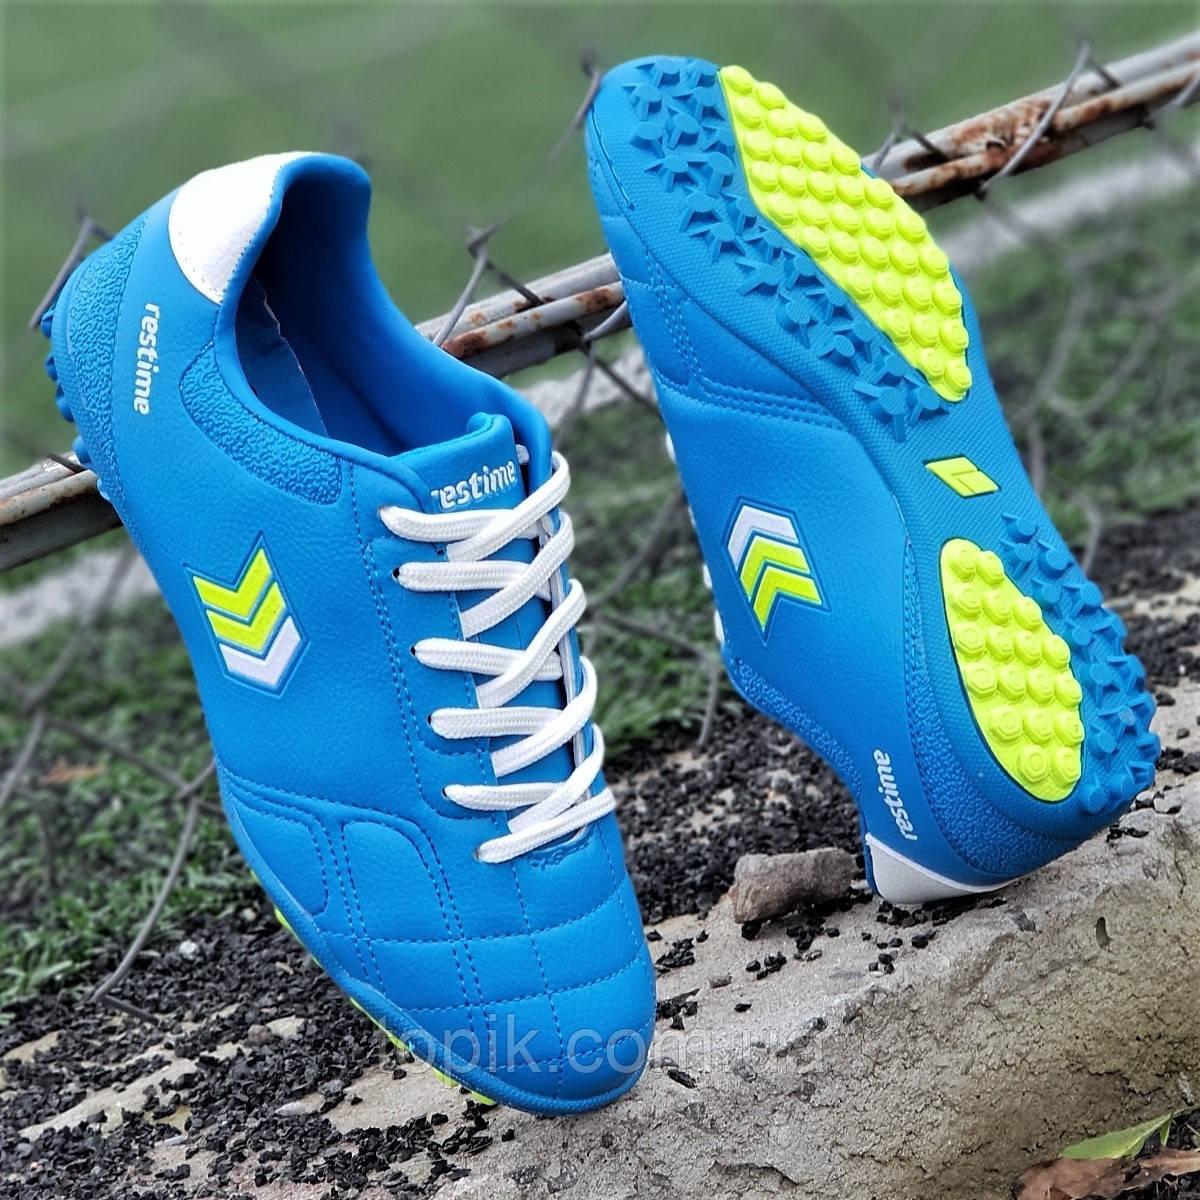 Подростковые сороконожки, бампы, кроссовки для футбола на мальчика синие прошитый носок (Код: 1335а)